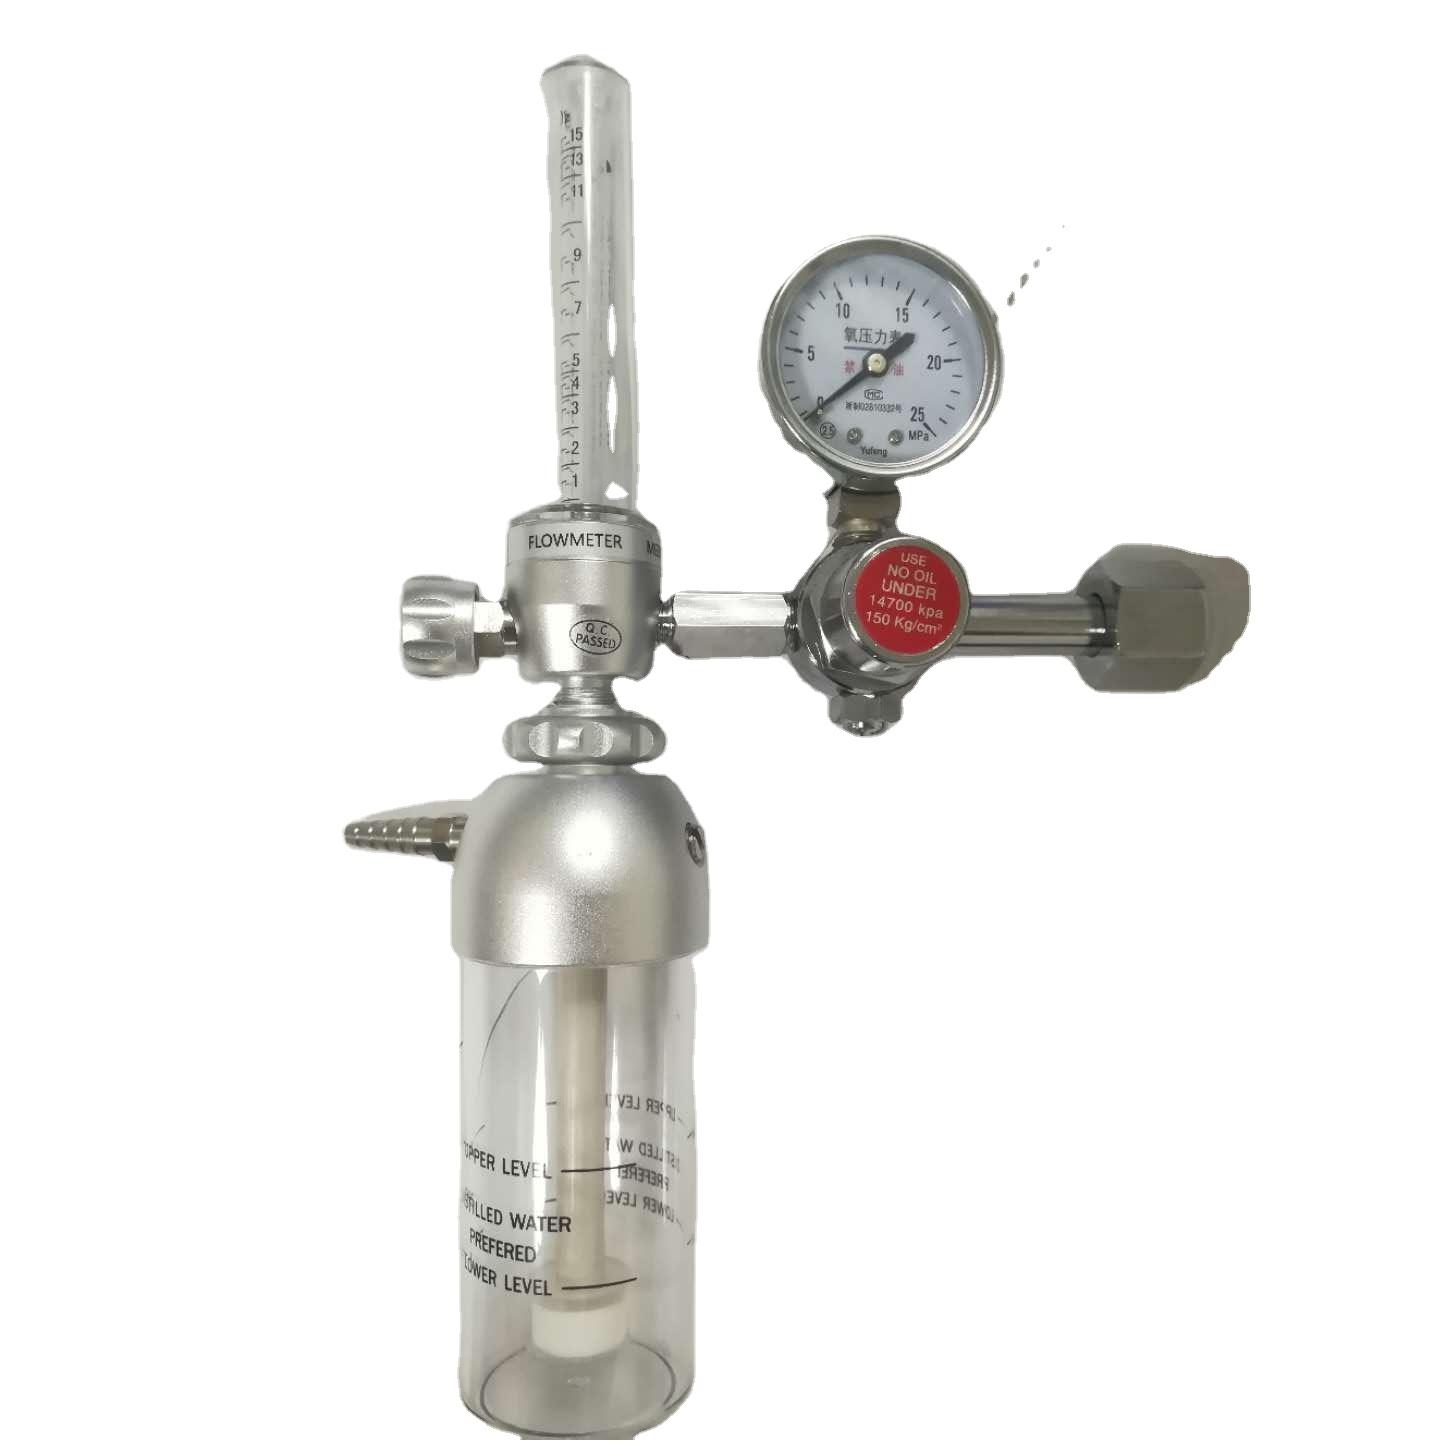 Economical Oxygen Inhaler with Flow Meter Pressure Oxygen Regulator Medical Humidifier for Cylinder Ventilators - KingCare | KingCare.net